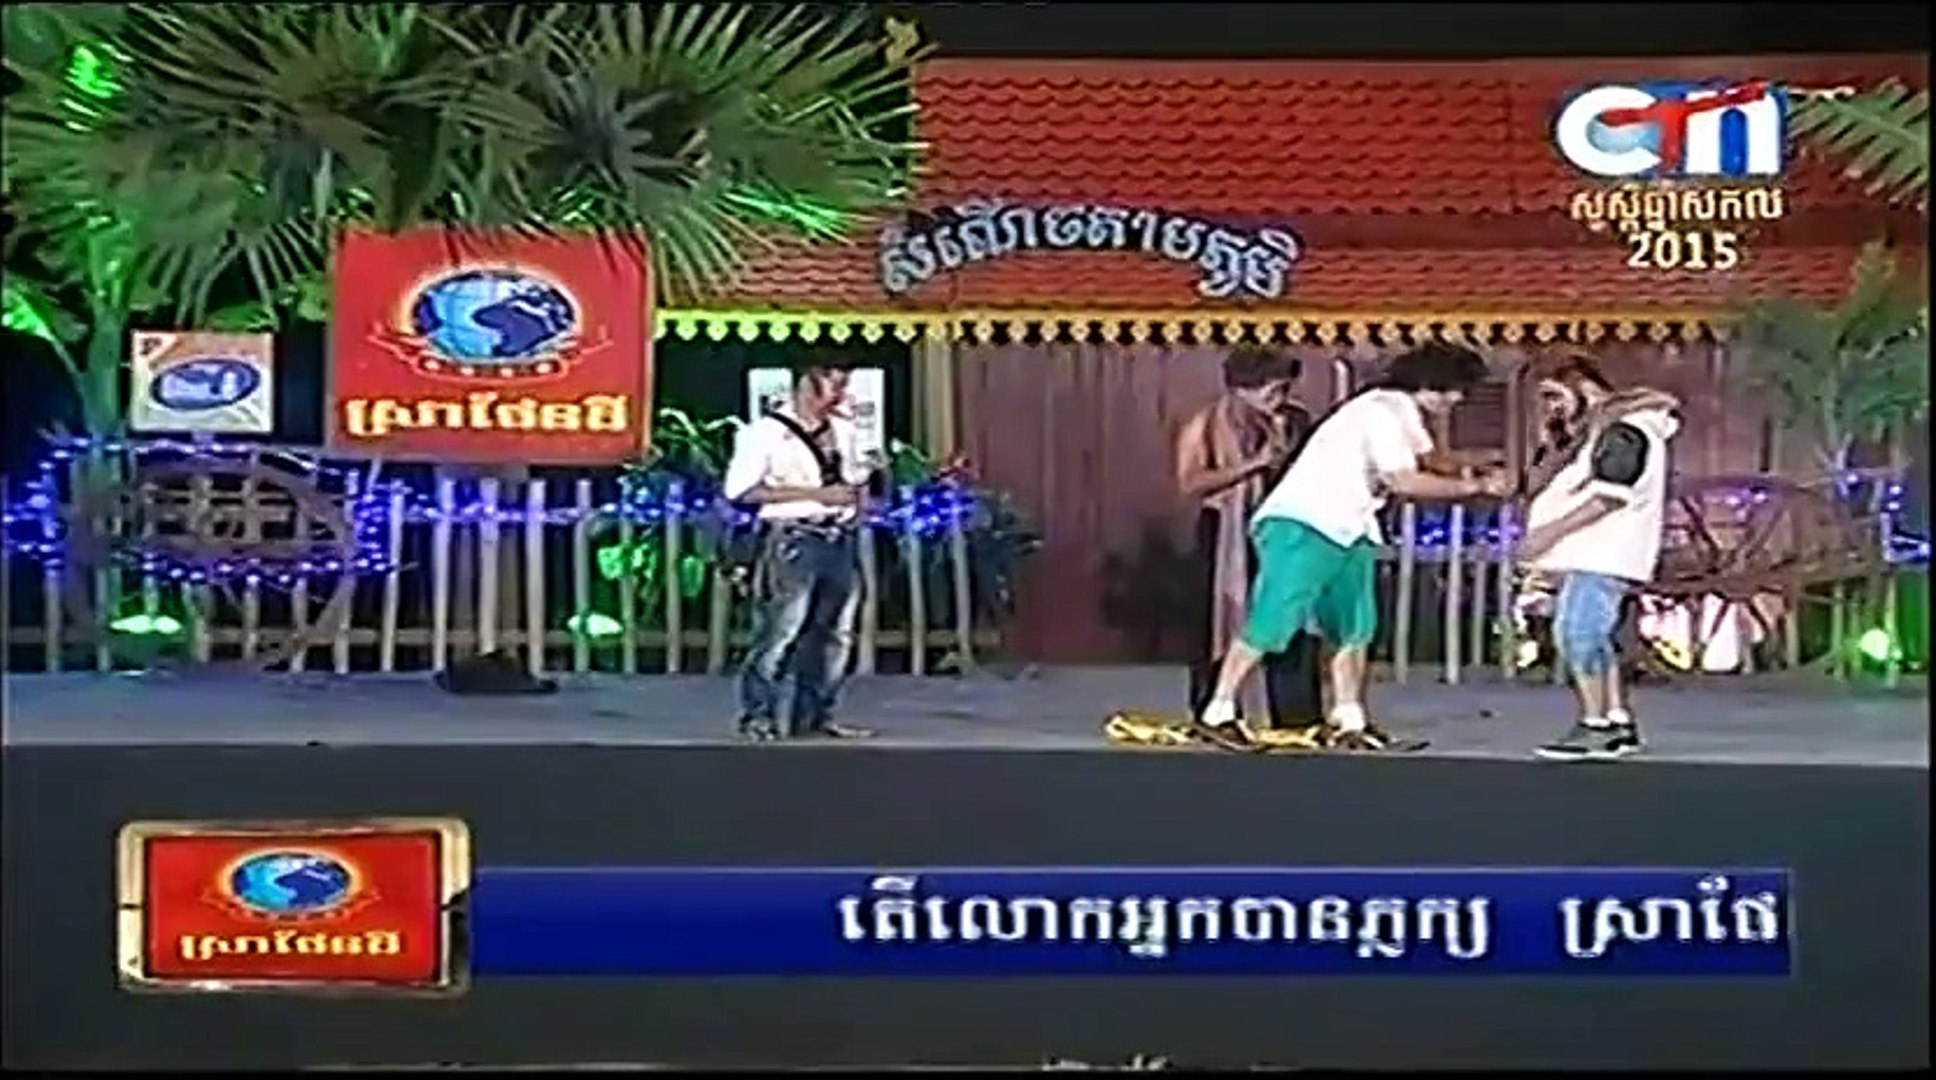 Khmer Comedy, Pekmi Comedy, CTN Comedy, Kom Klach, 26 December 2014,Khmer Comedy